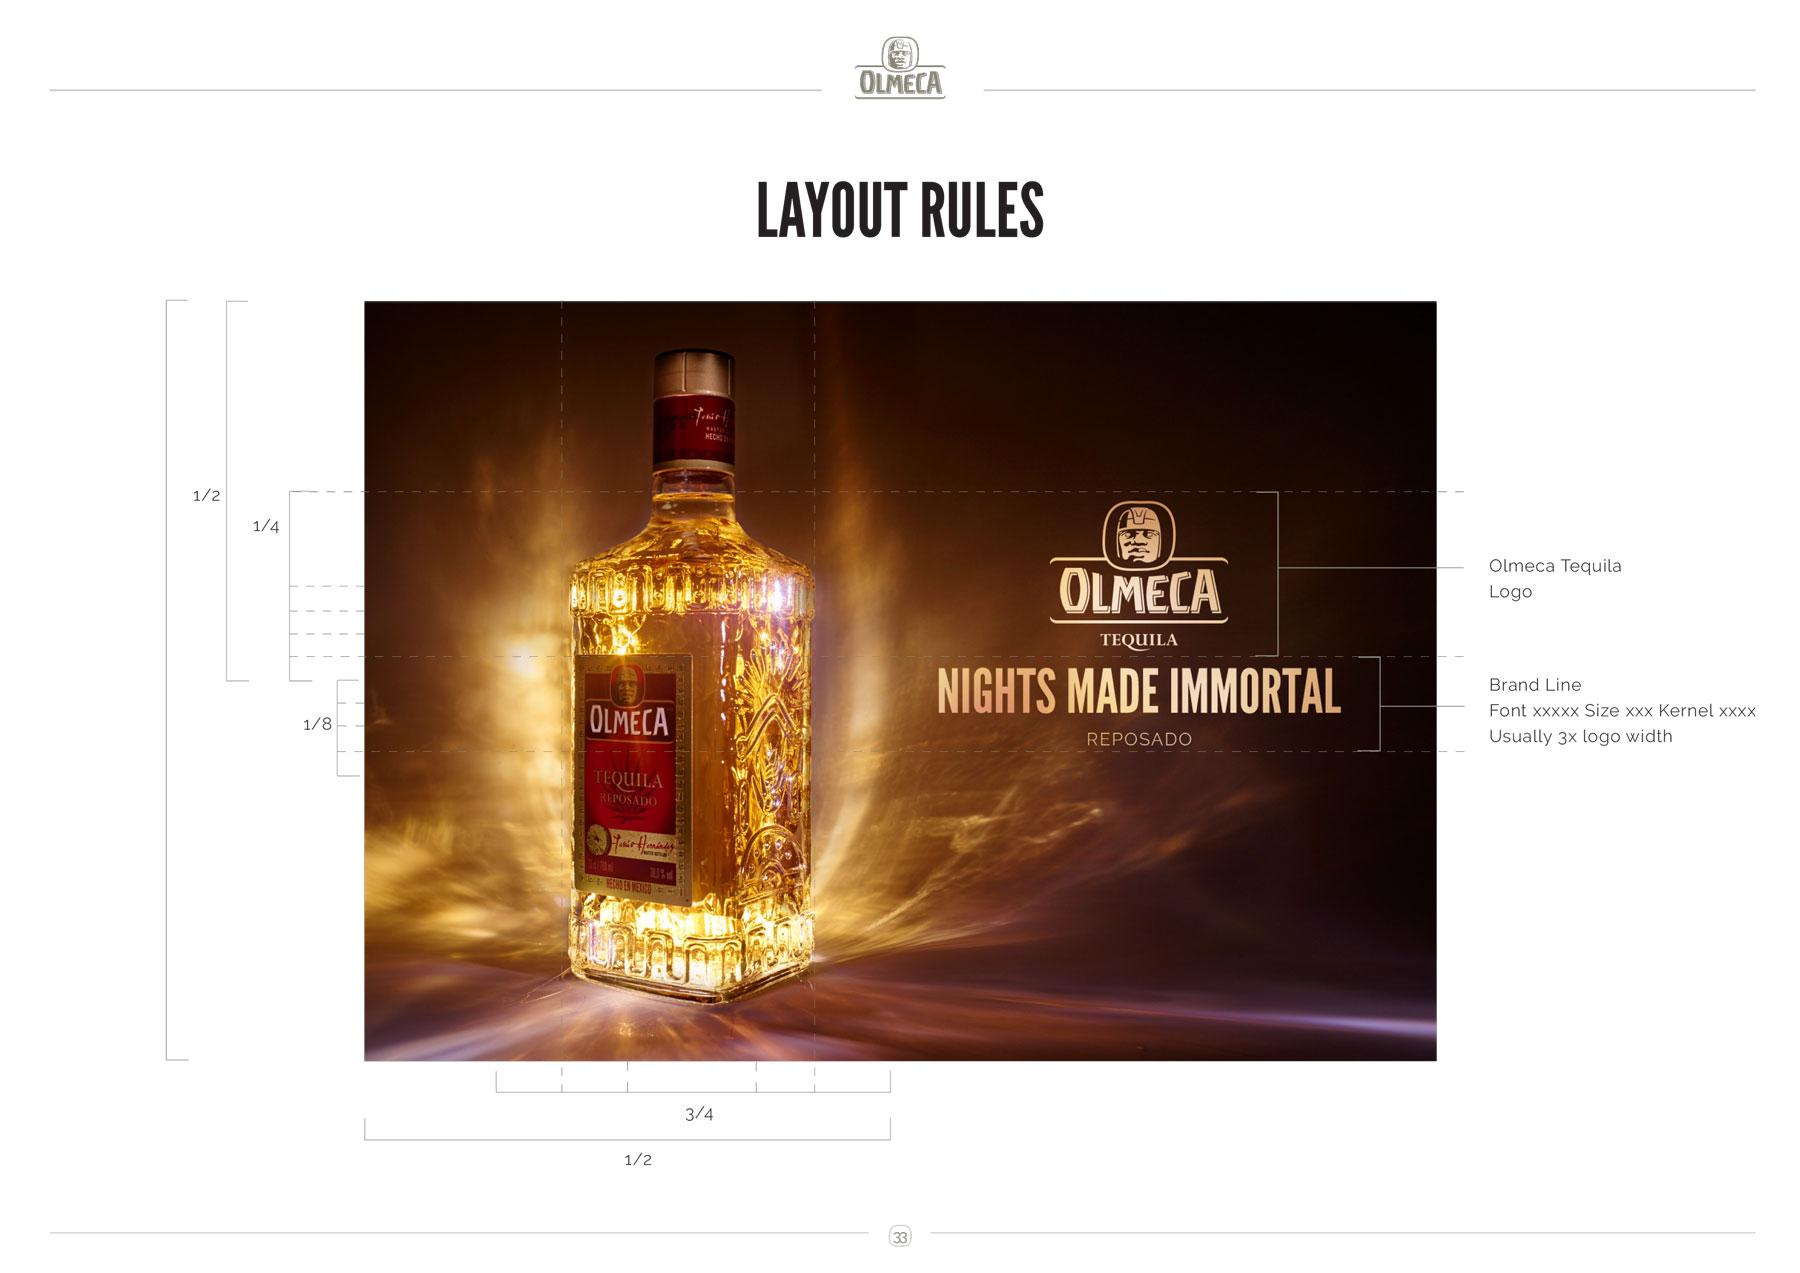 Olmeca Tequila Campaign Guidelines - DANILA LUPPINO